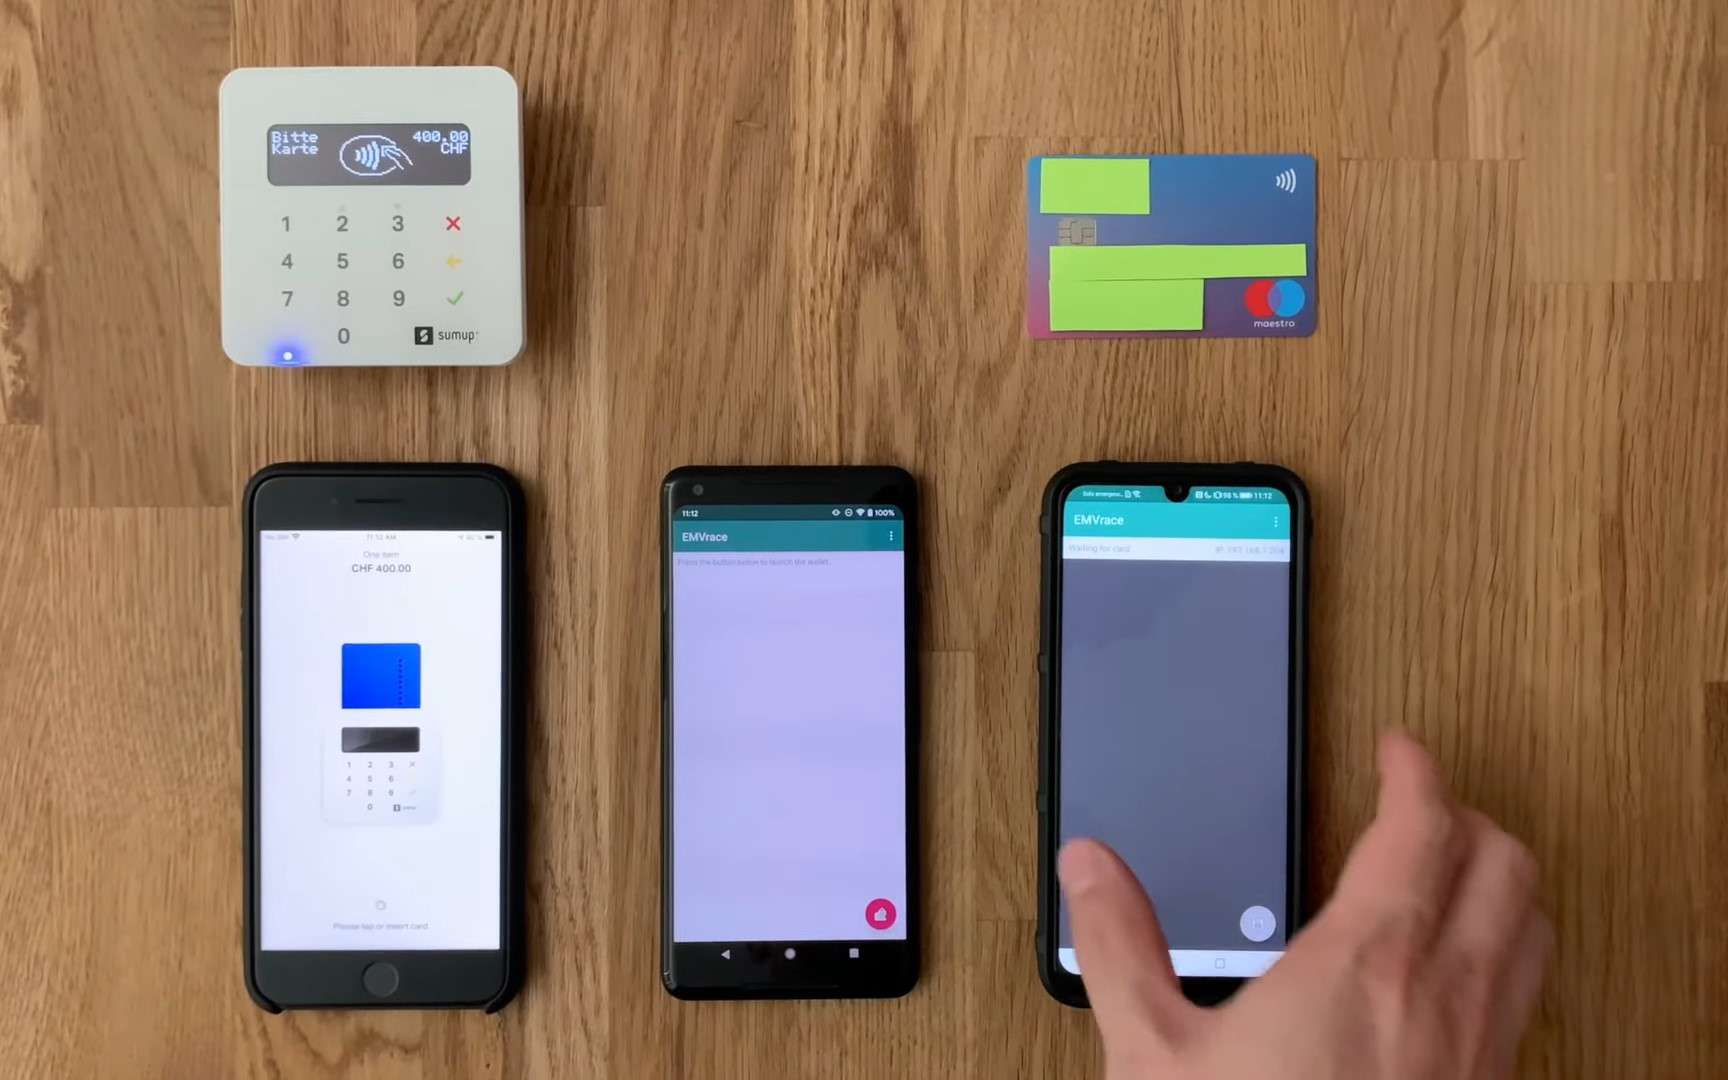 Deux smartphones et une application spéciale suffisent à réaliser des paiements de plusieurs milliers d'euros sans contact. © ETH Zurich